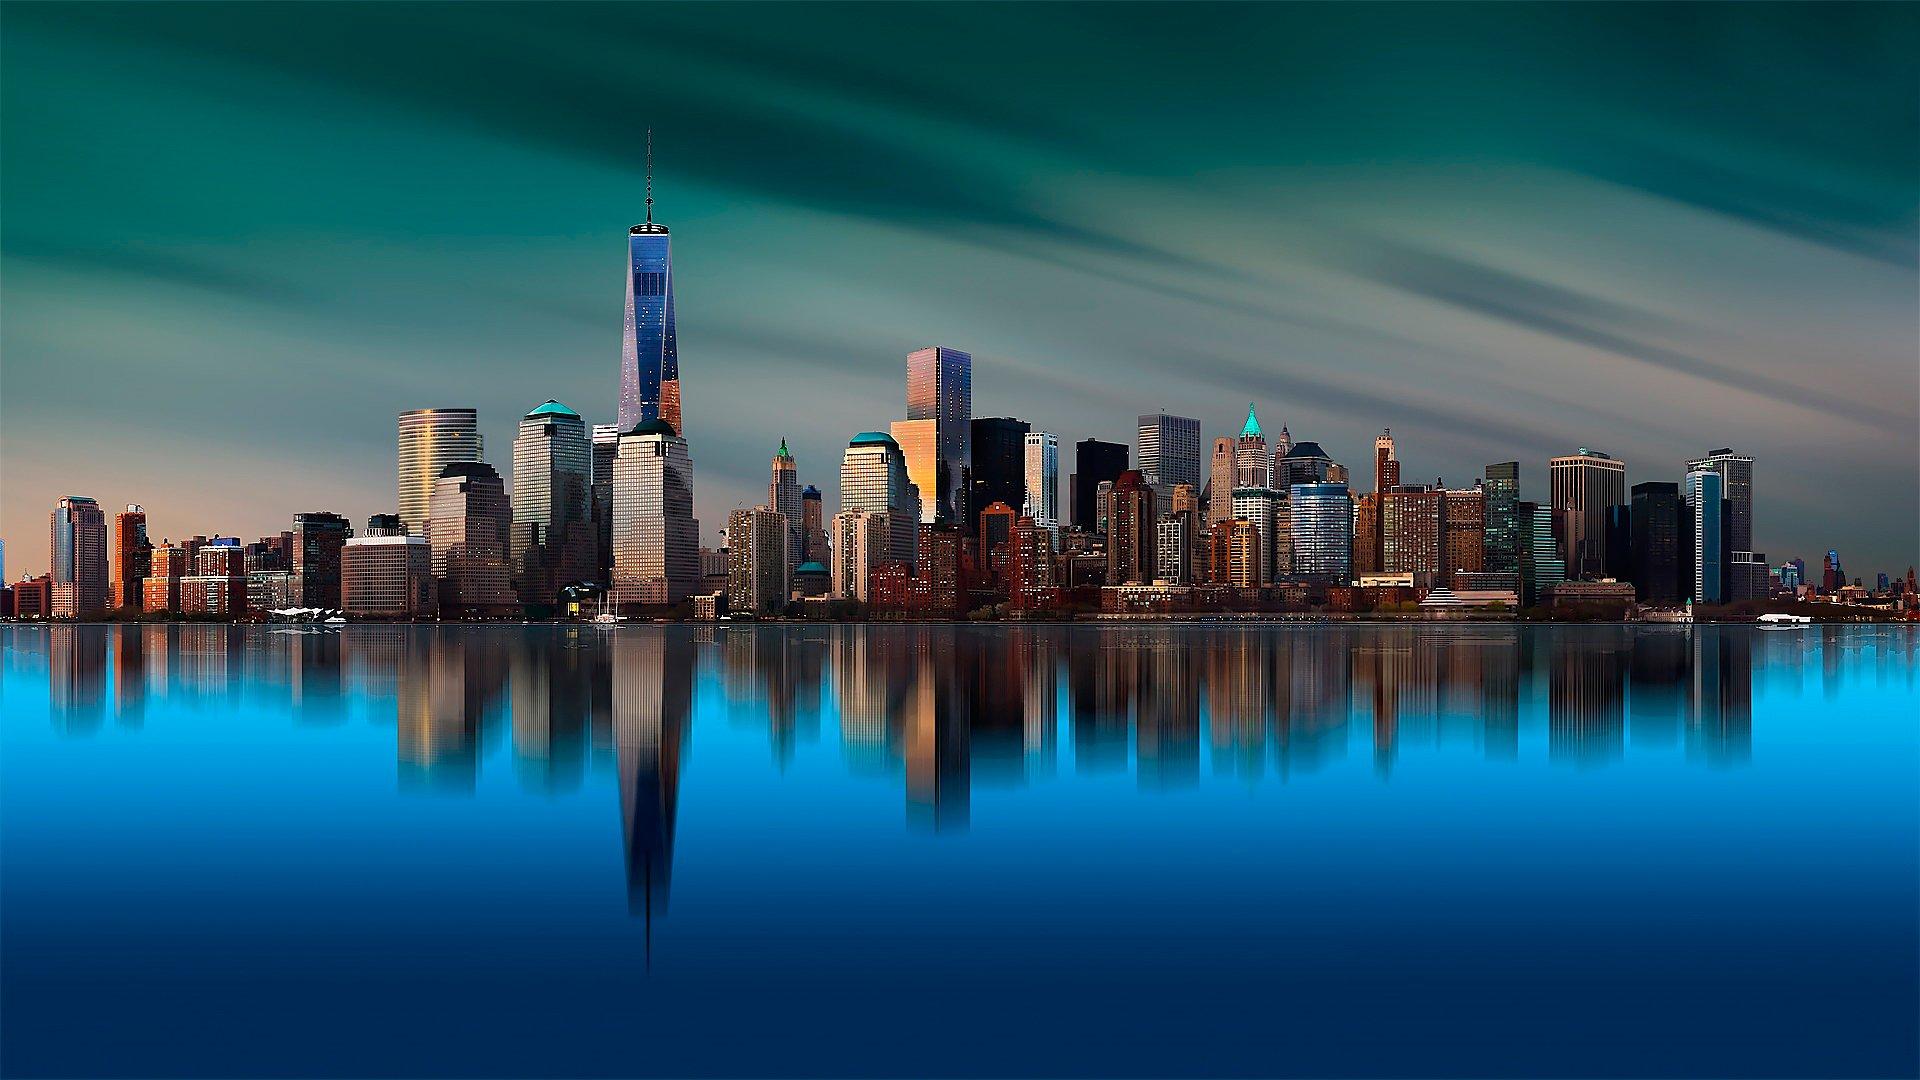 небоскребы город отражение ночь бесплатно